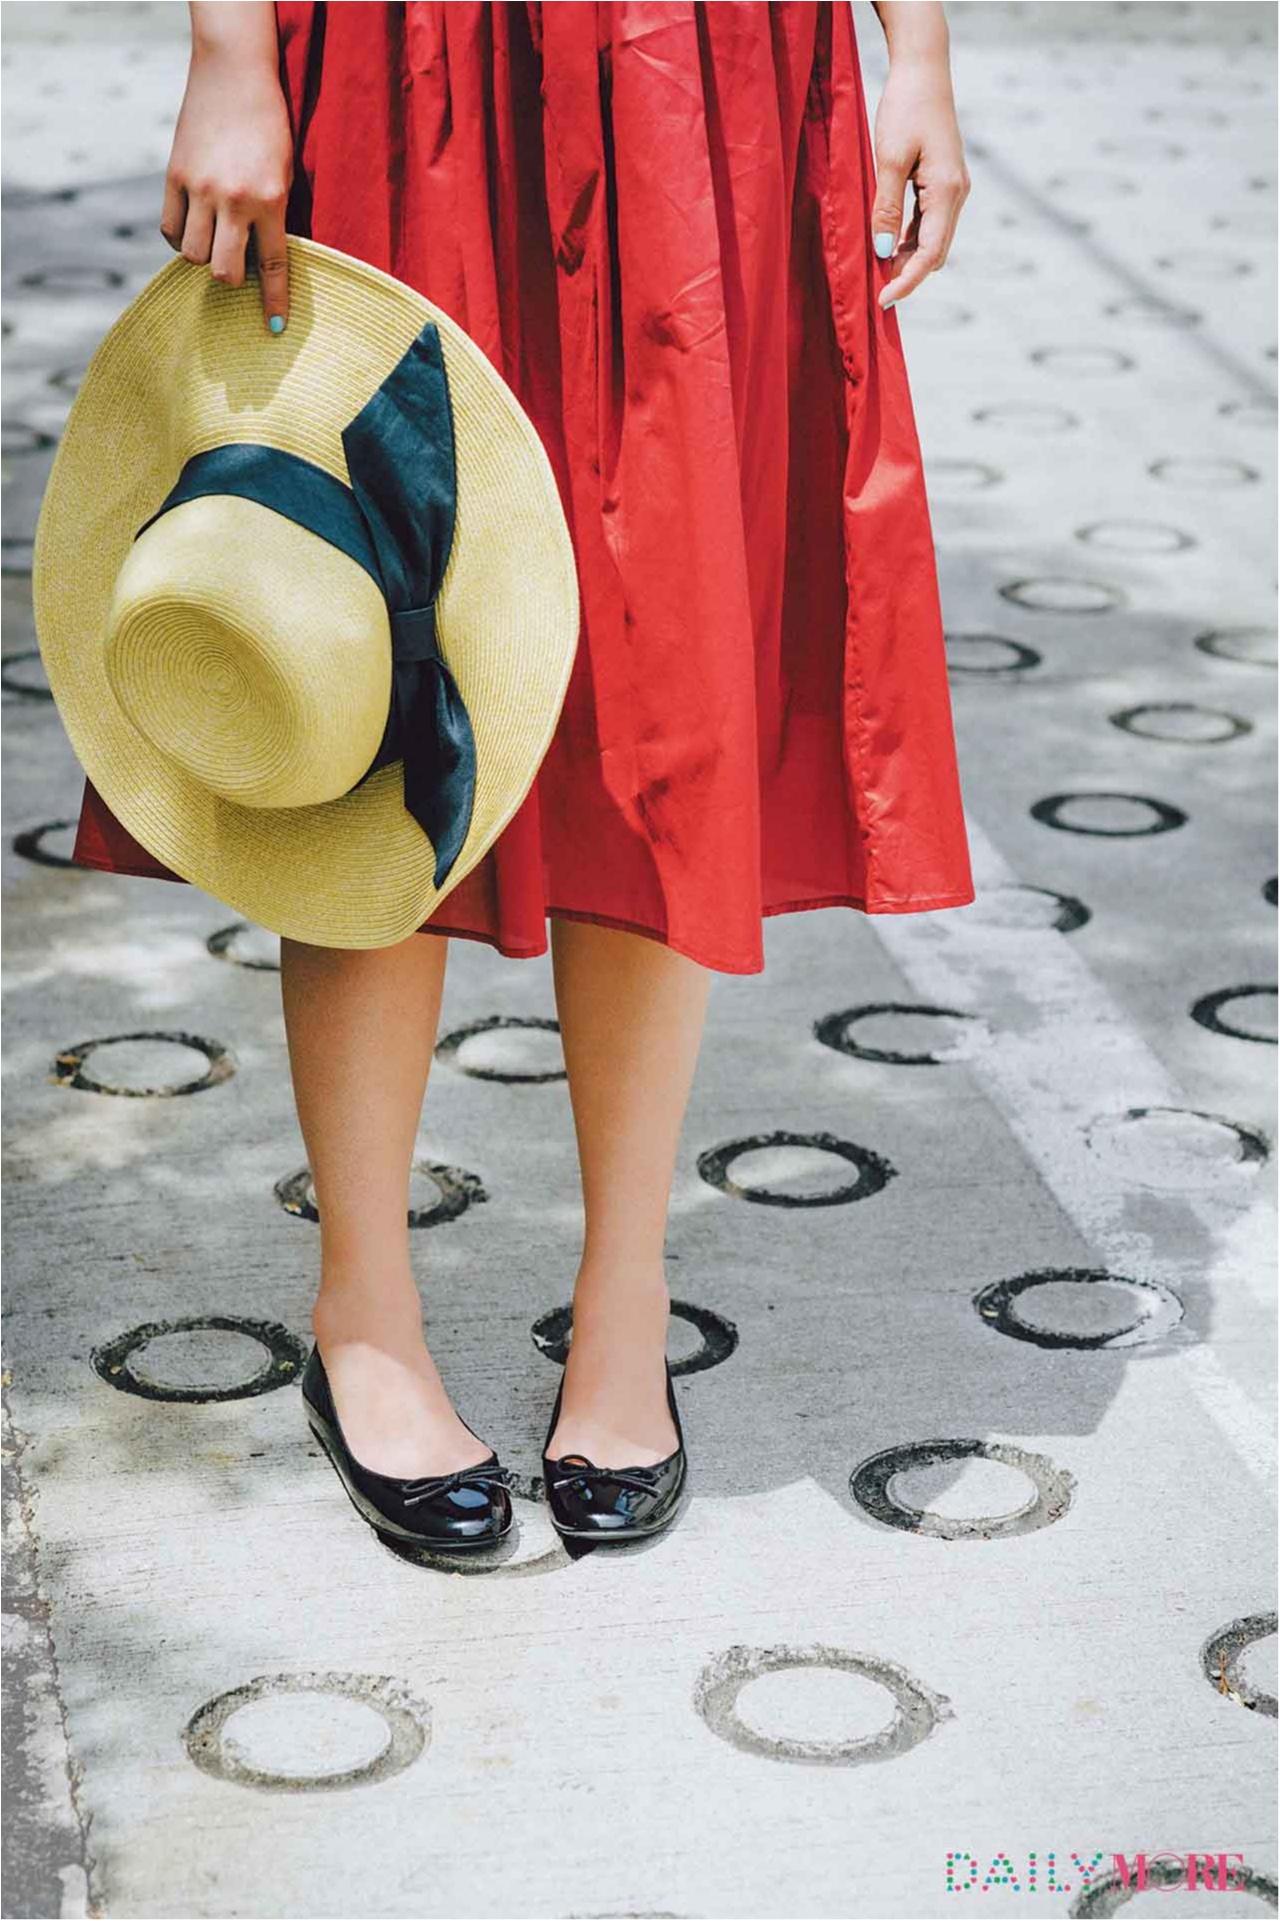 【2017年秋のおすすめ『ユニクロ』コーデ9】 鮮やか色のフレアスカートやバレエ靴でパリっぽくて上品なコーデ